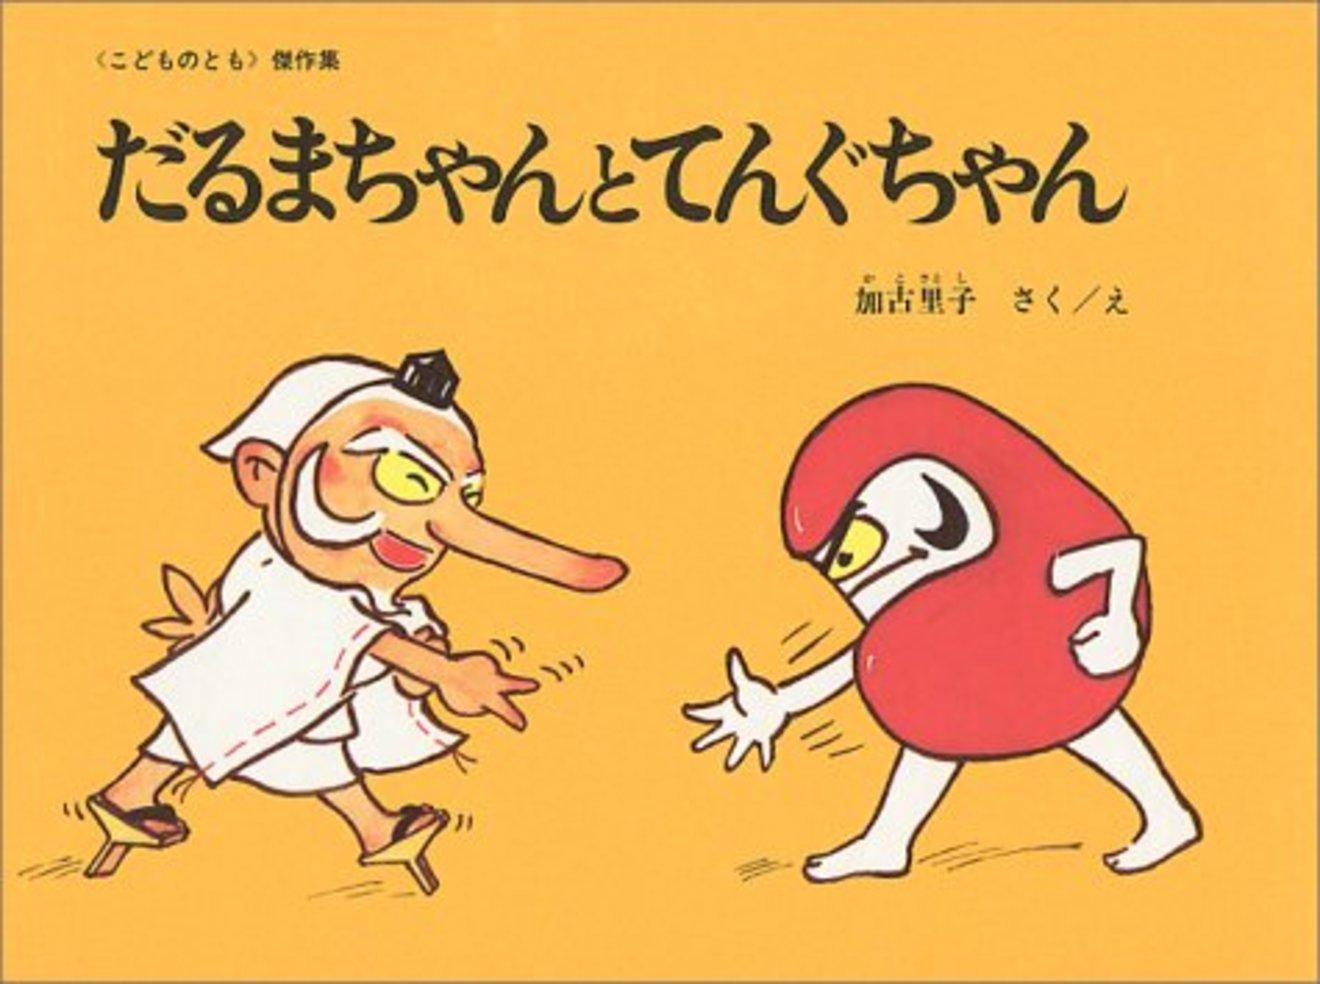 「だるまちゃん」シリーズは名作!おすすめの絵本5選